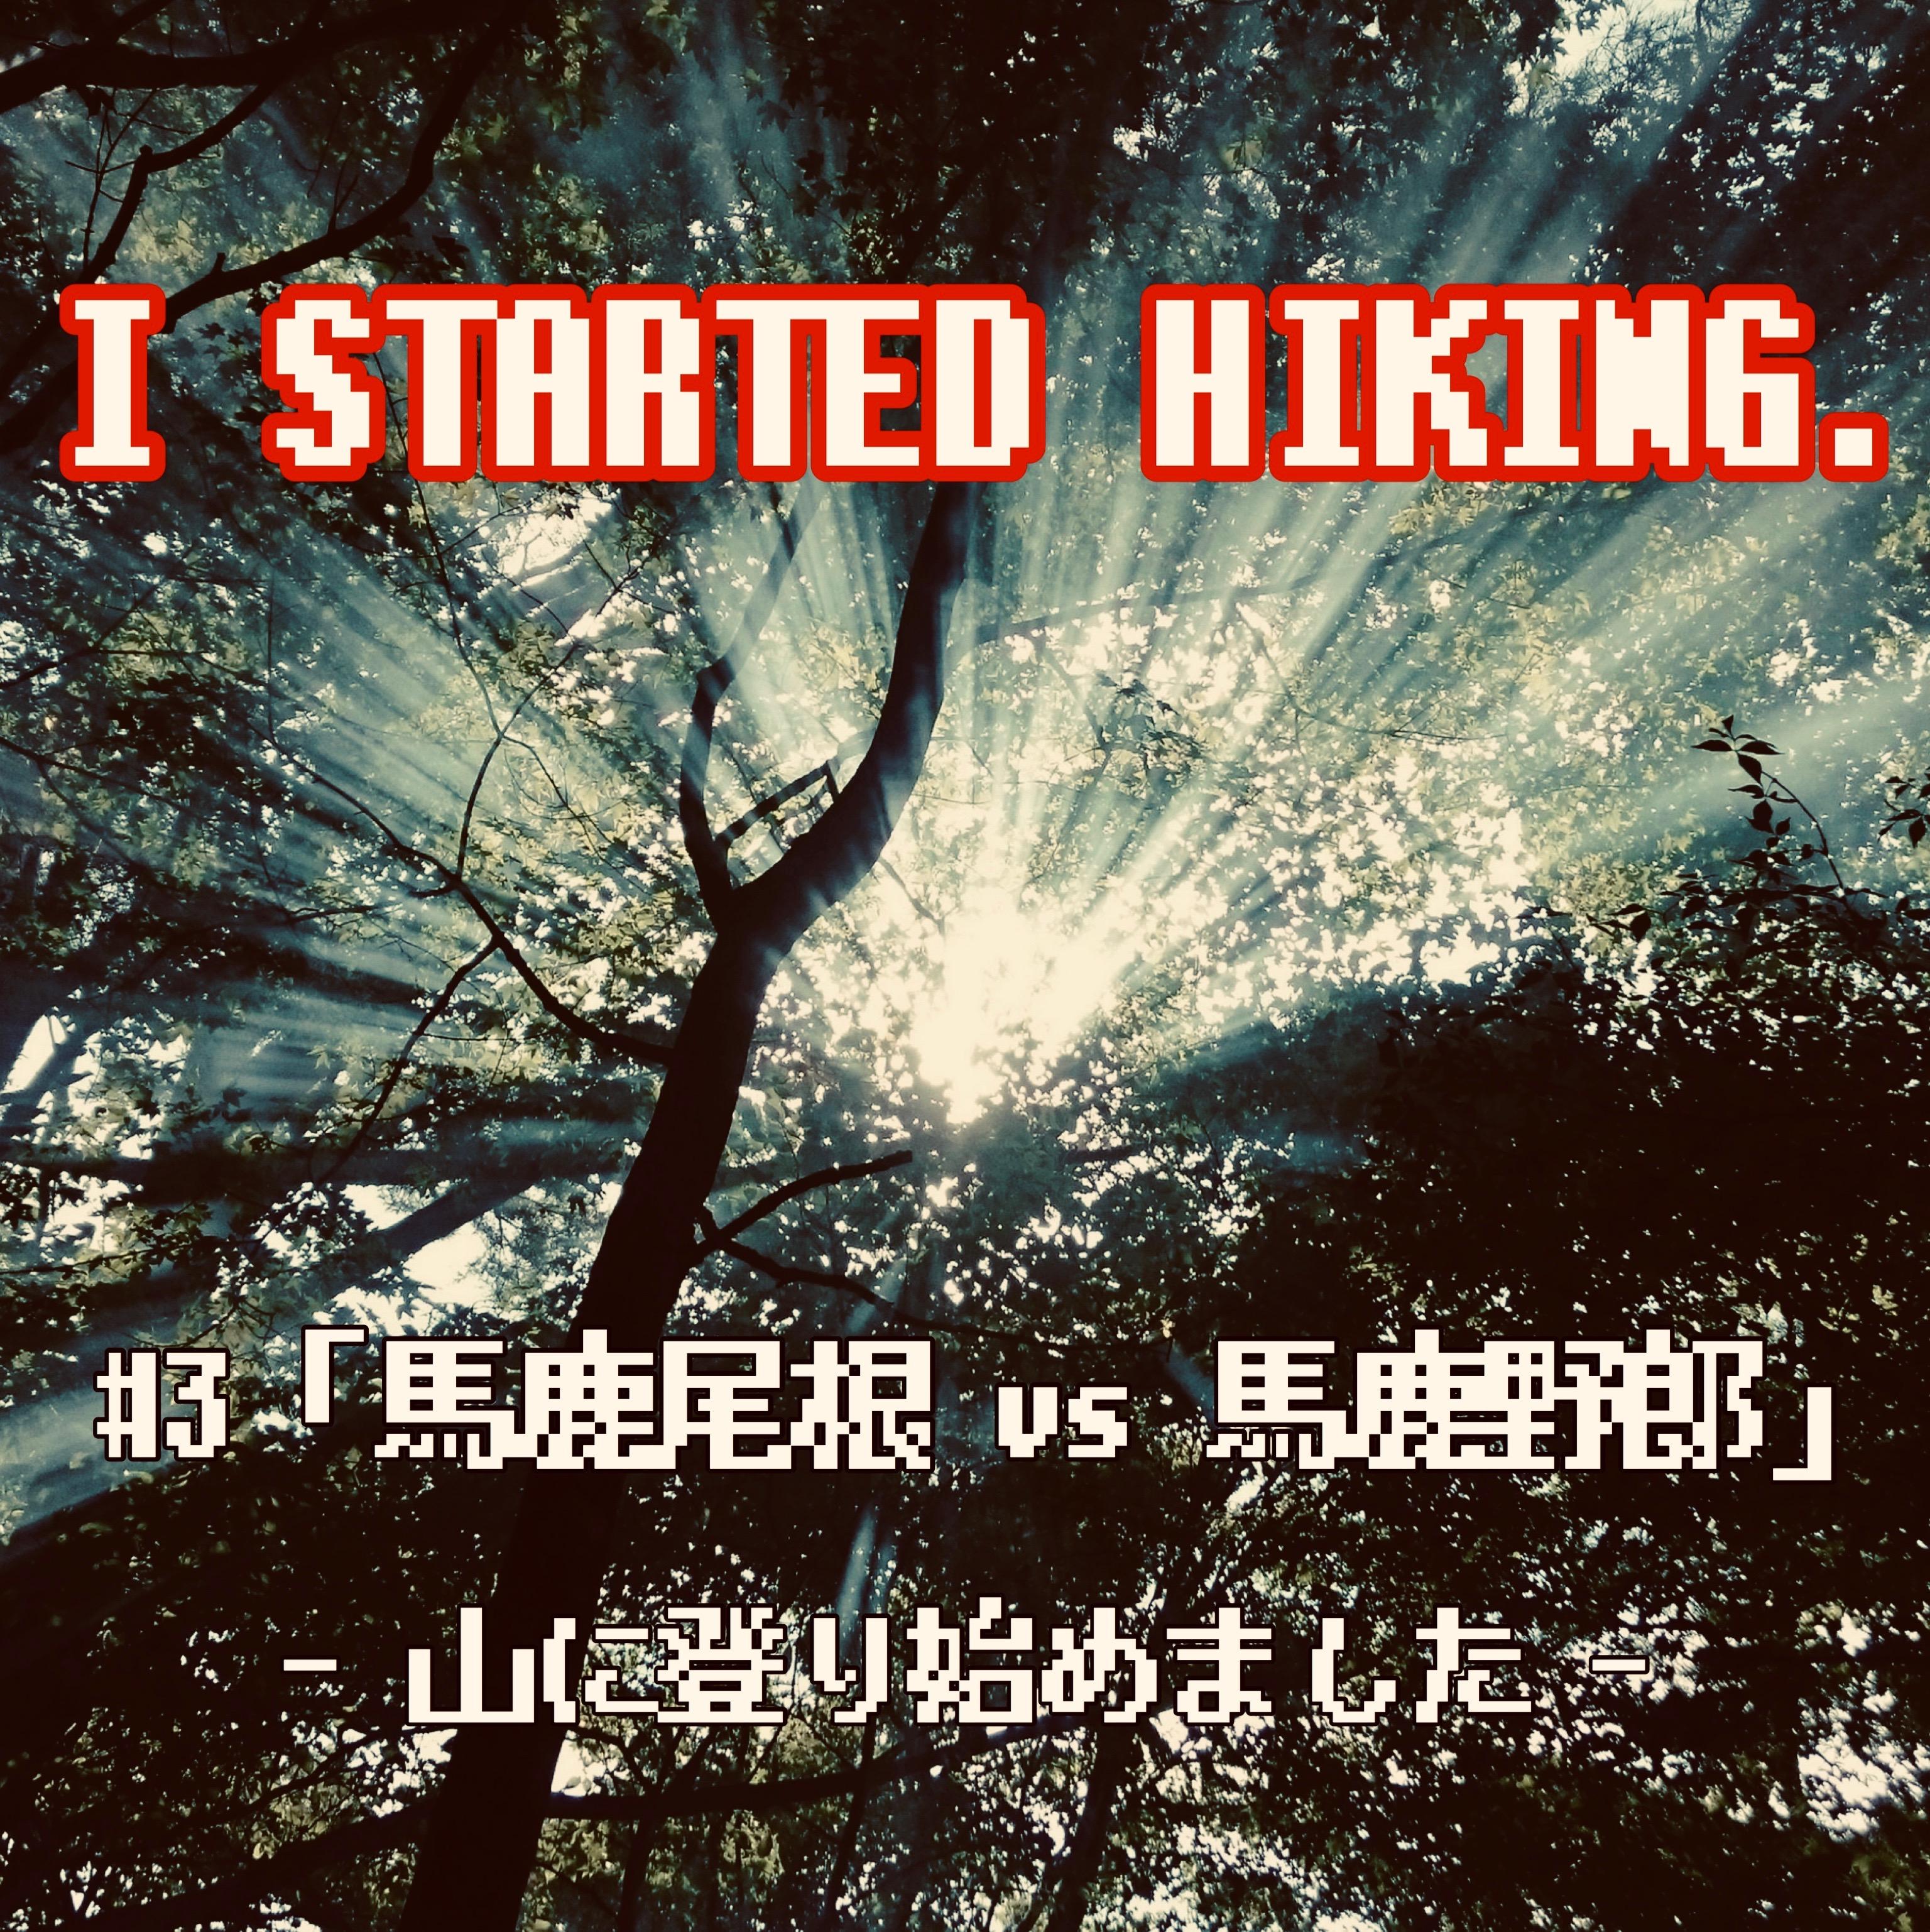 「山に登り始めました。 」#3 馬鹿尾根 vs 馬鹿野郎